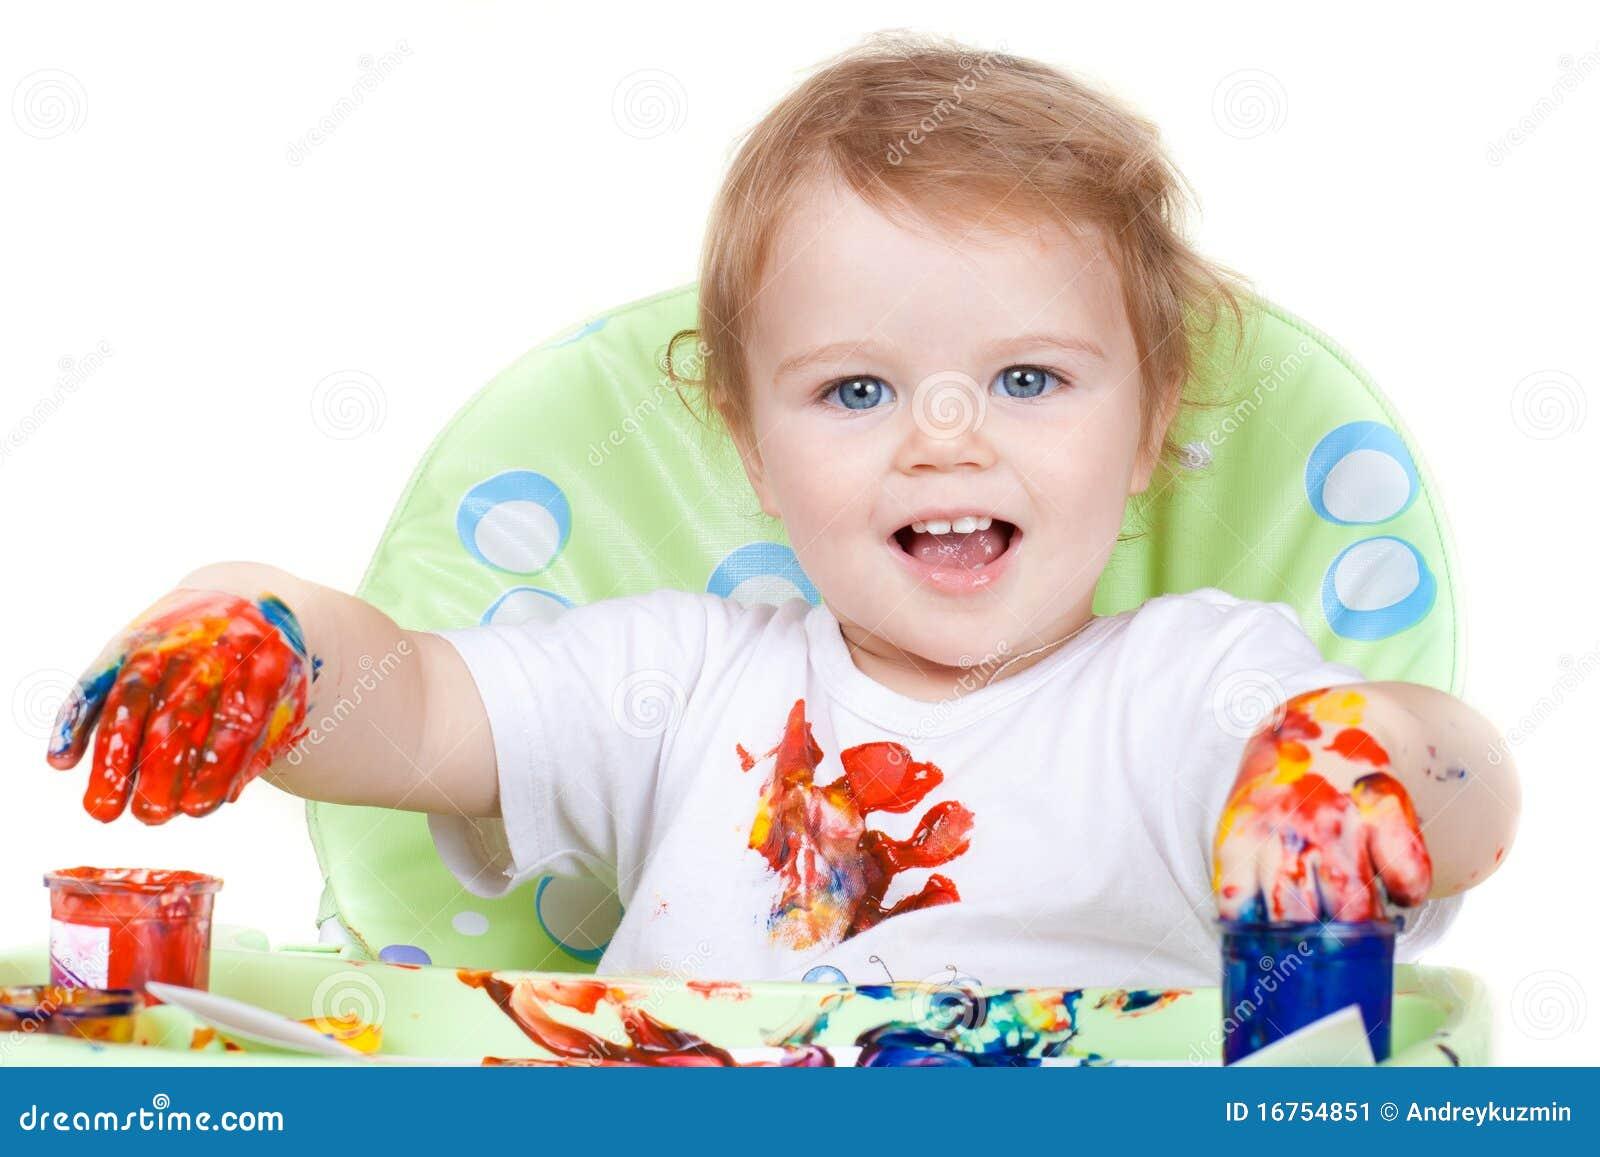 Het kind van de baby cre rt kunstbeeld met verven - Schilderen kind jongen ...